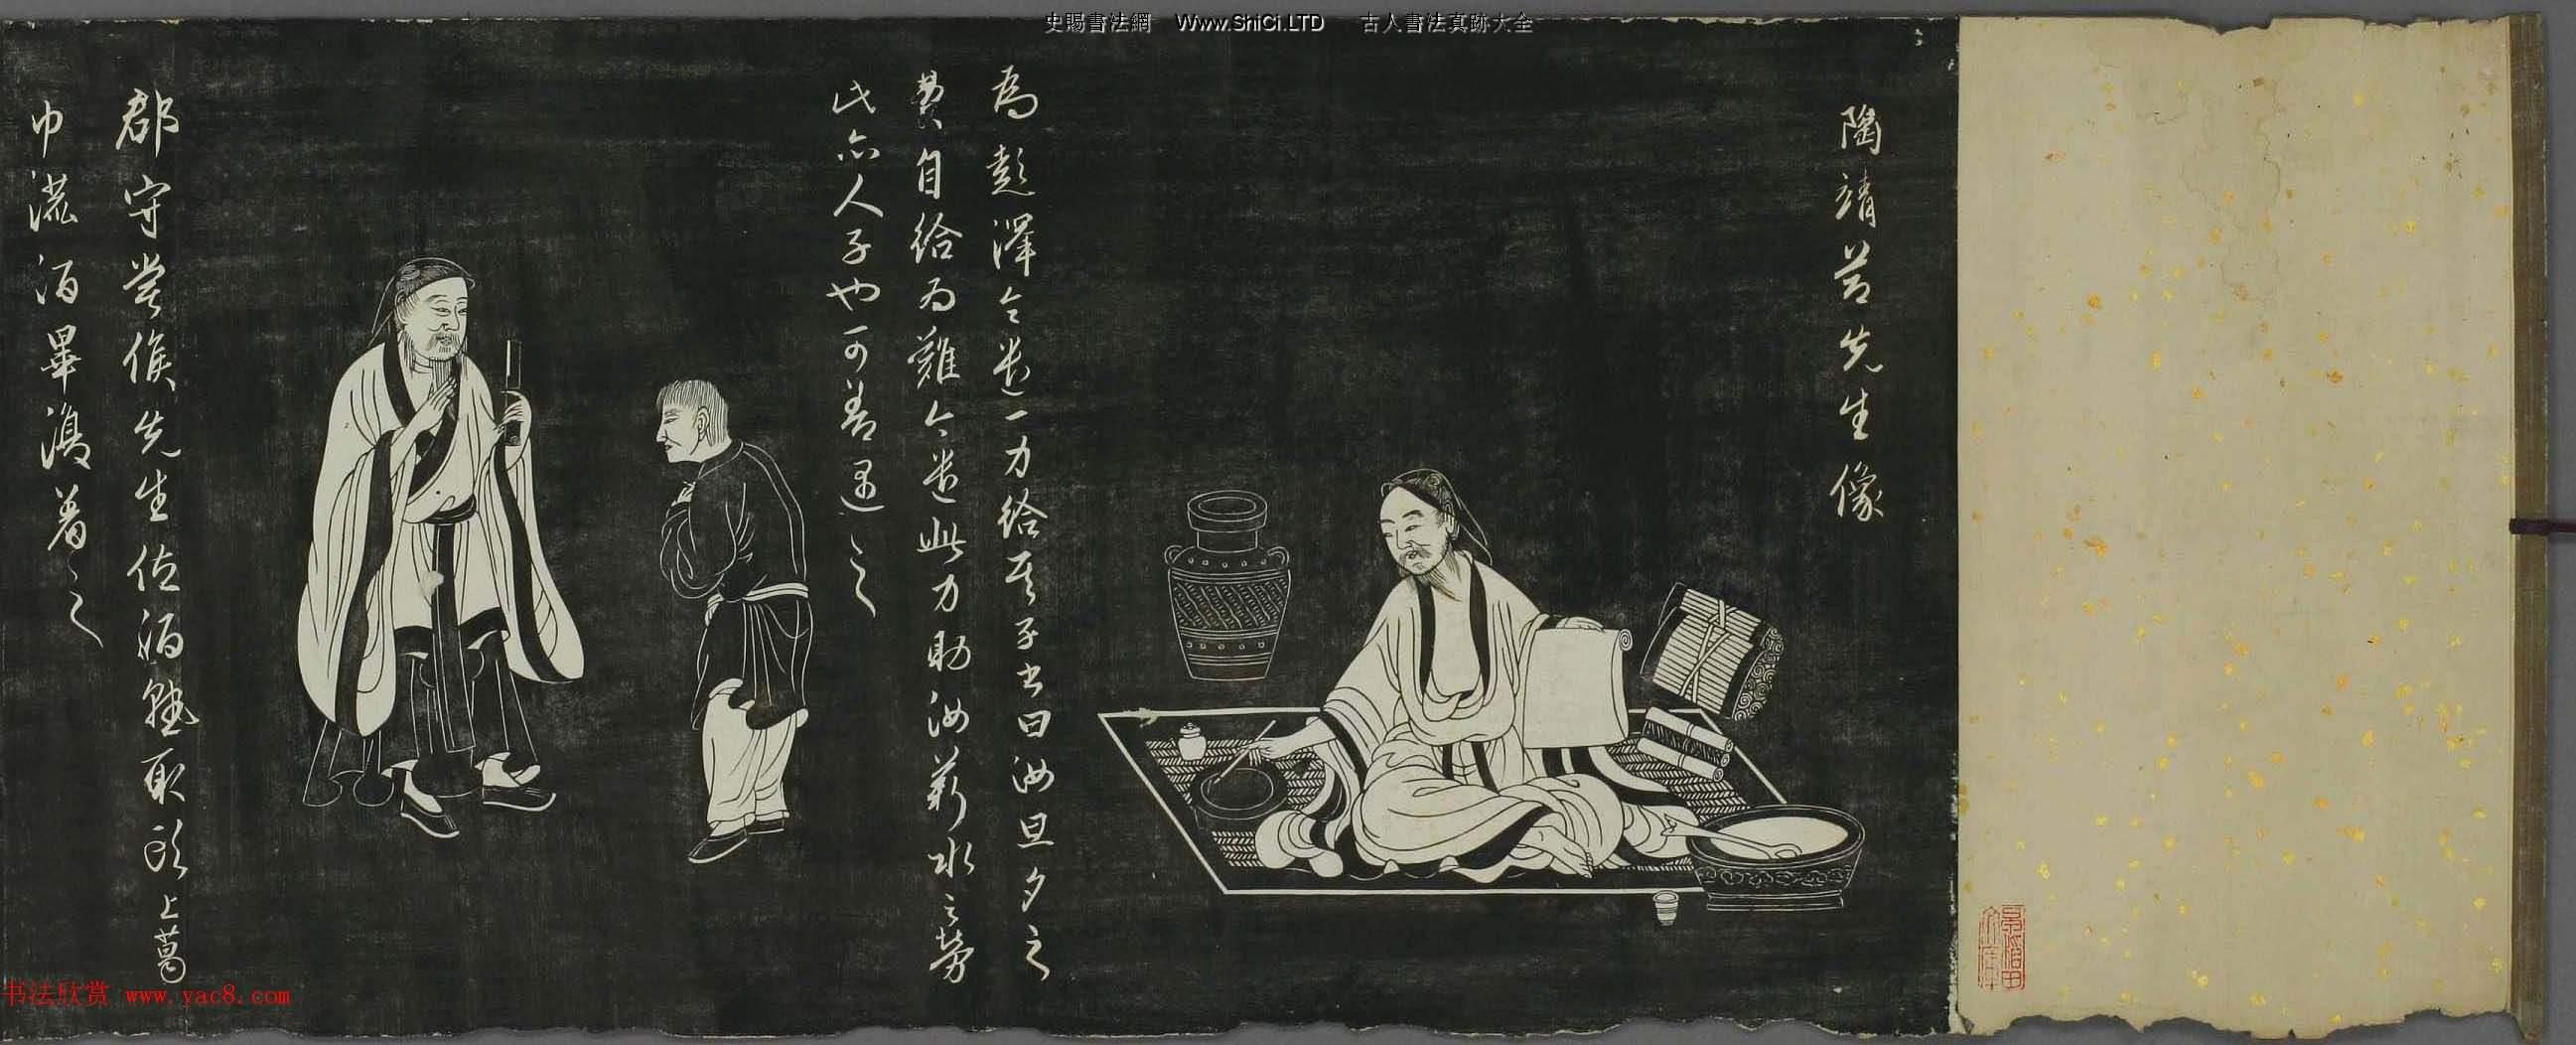 趙孟頫書畫作品真跡欣賞《陶淵明像傳》刻本(共10張圖片)